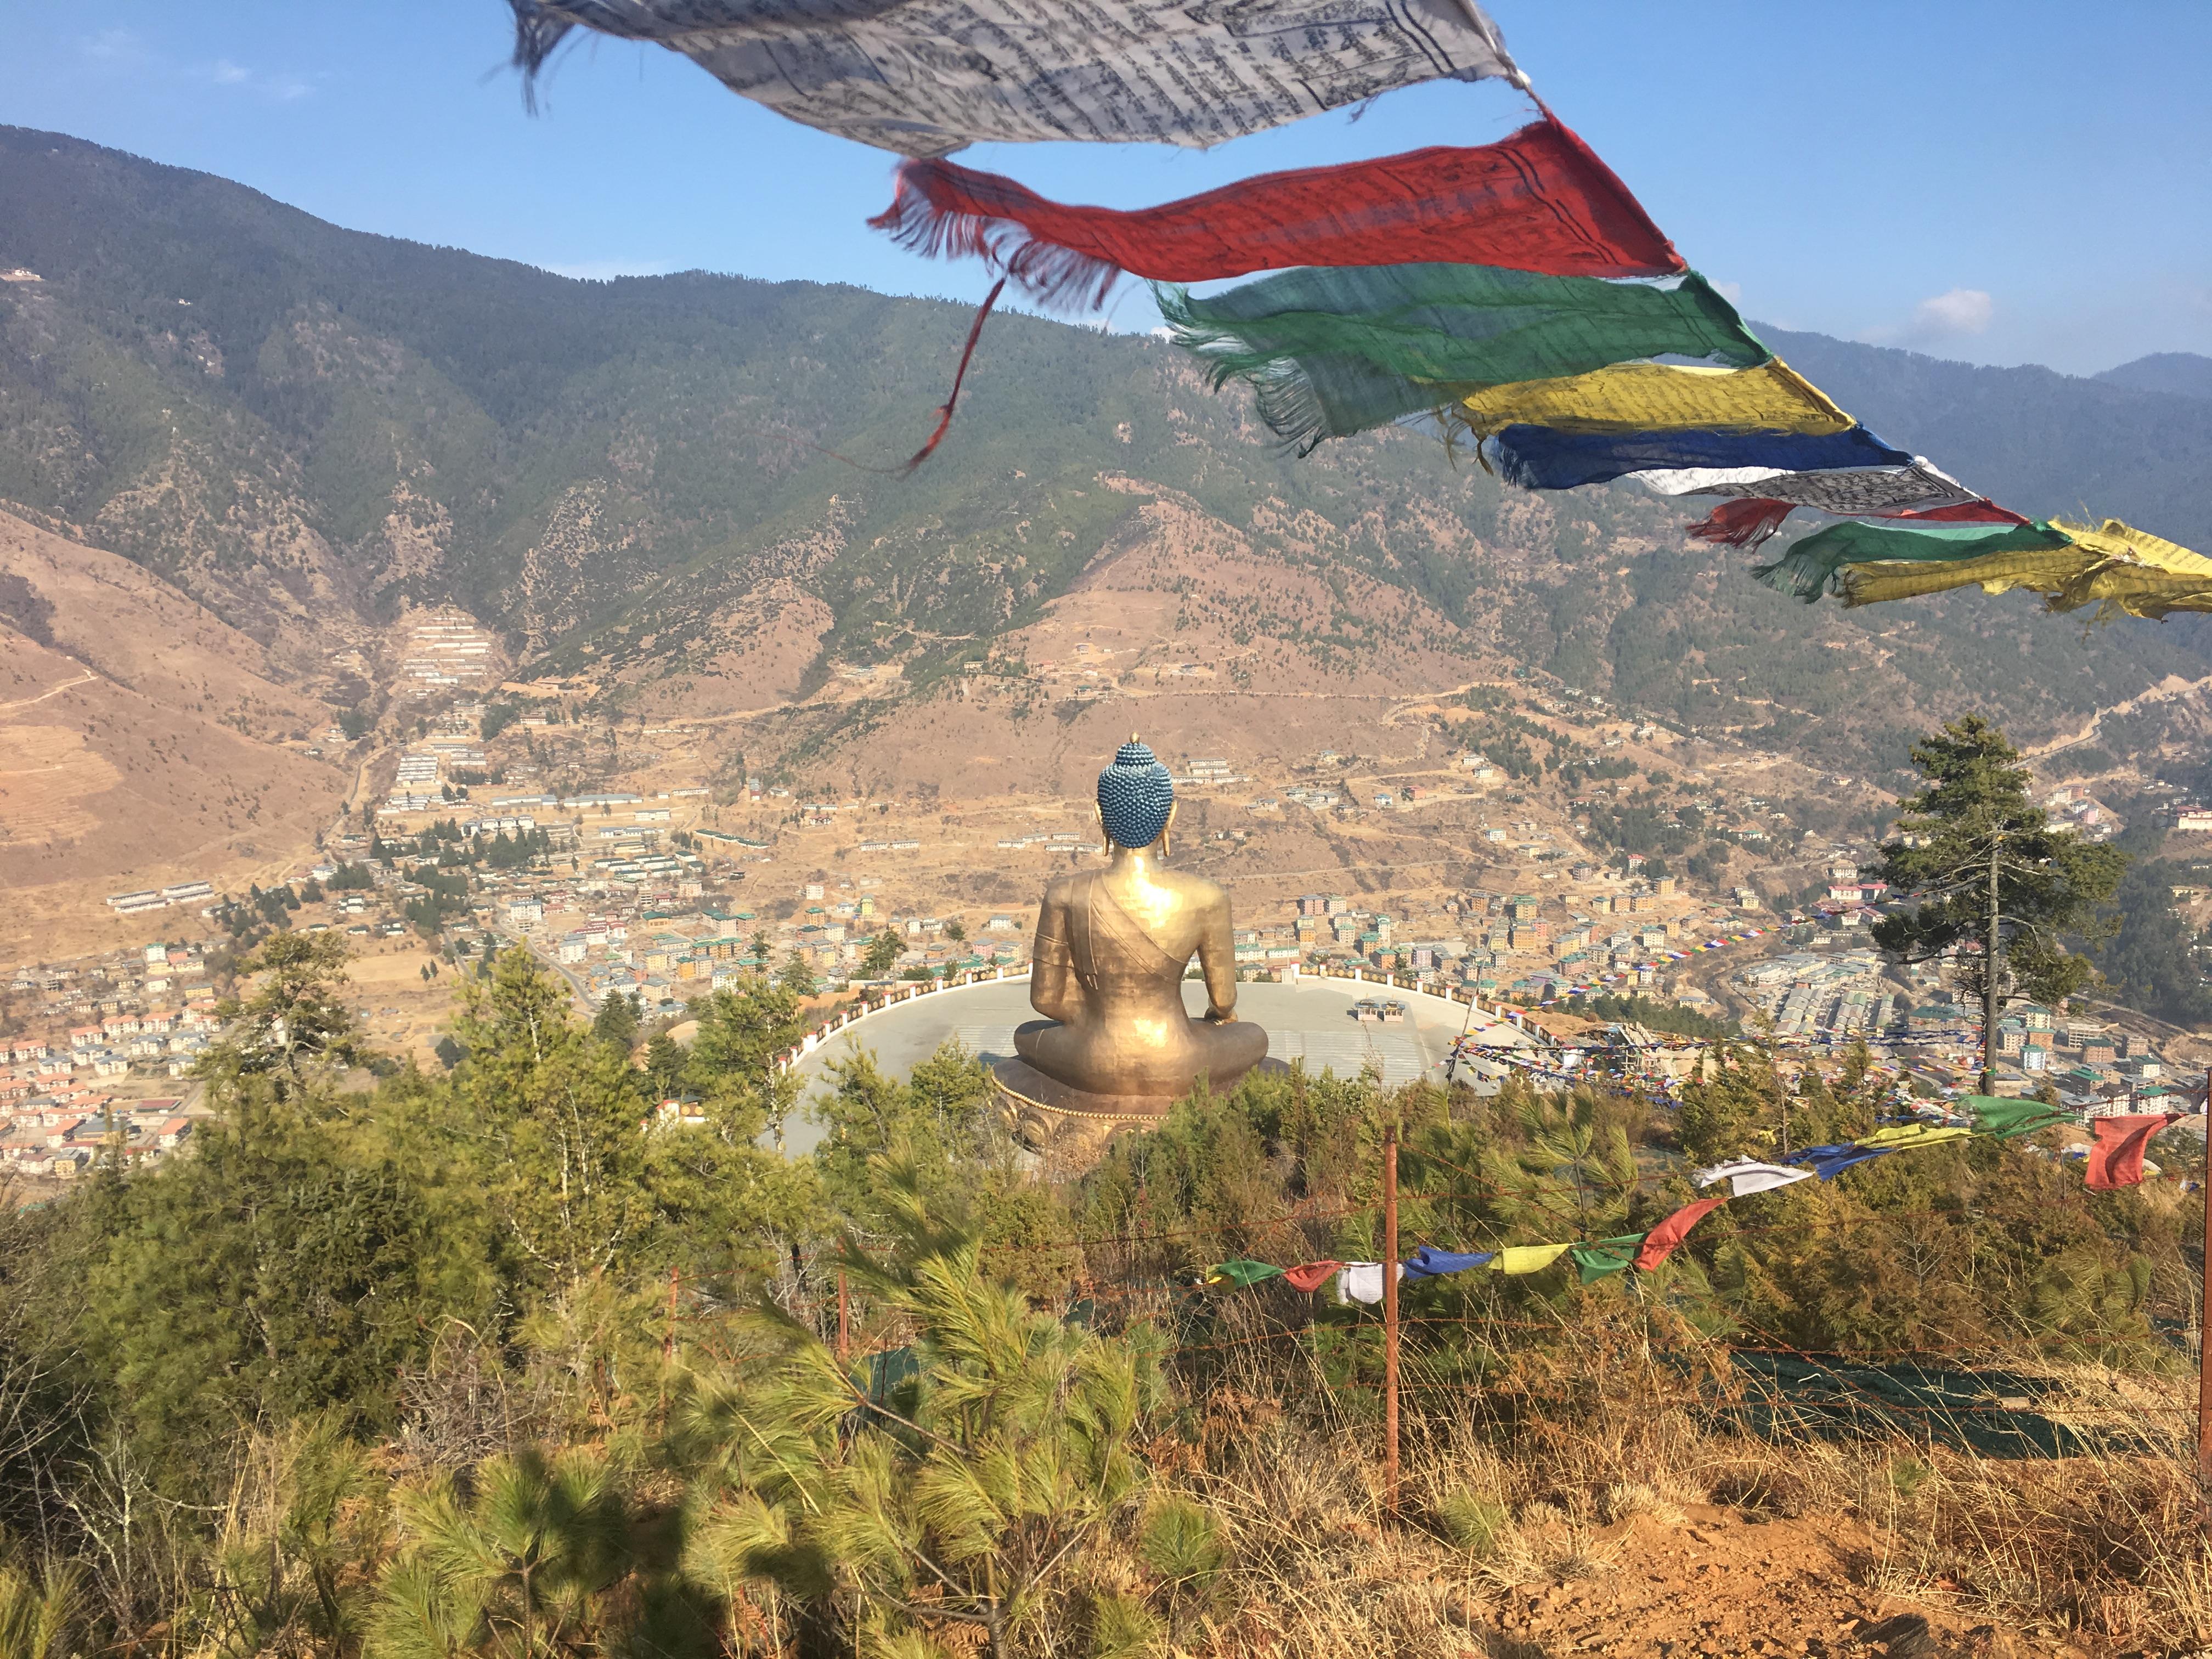 pohled shora na Thimpu, hlavní město Bhútánu